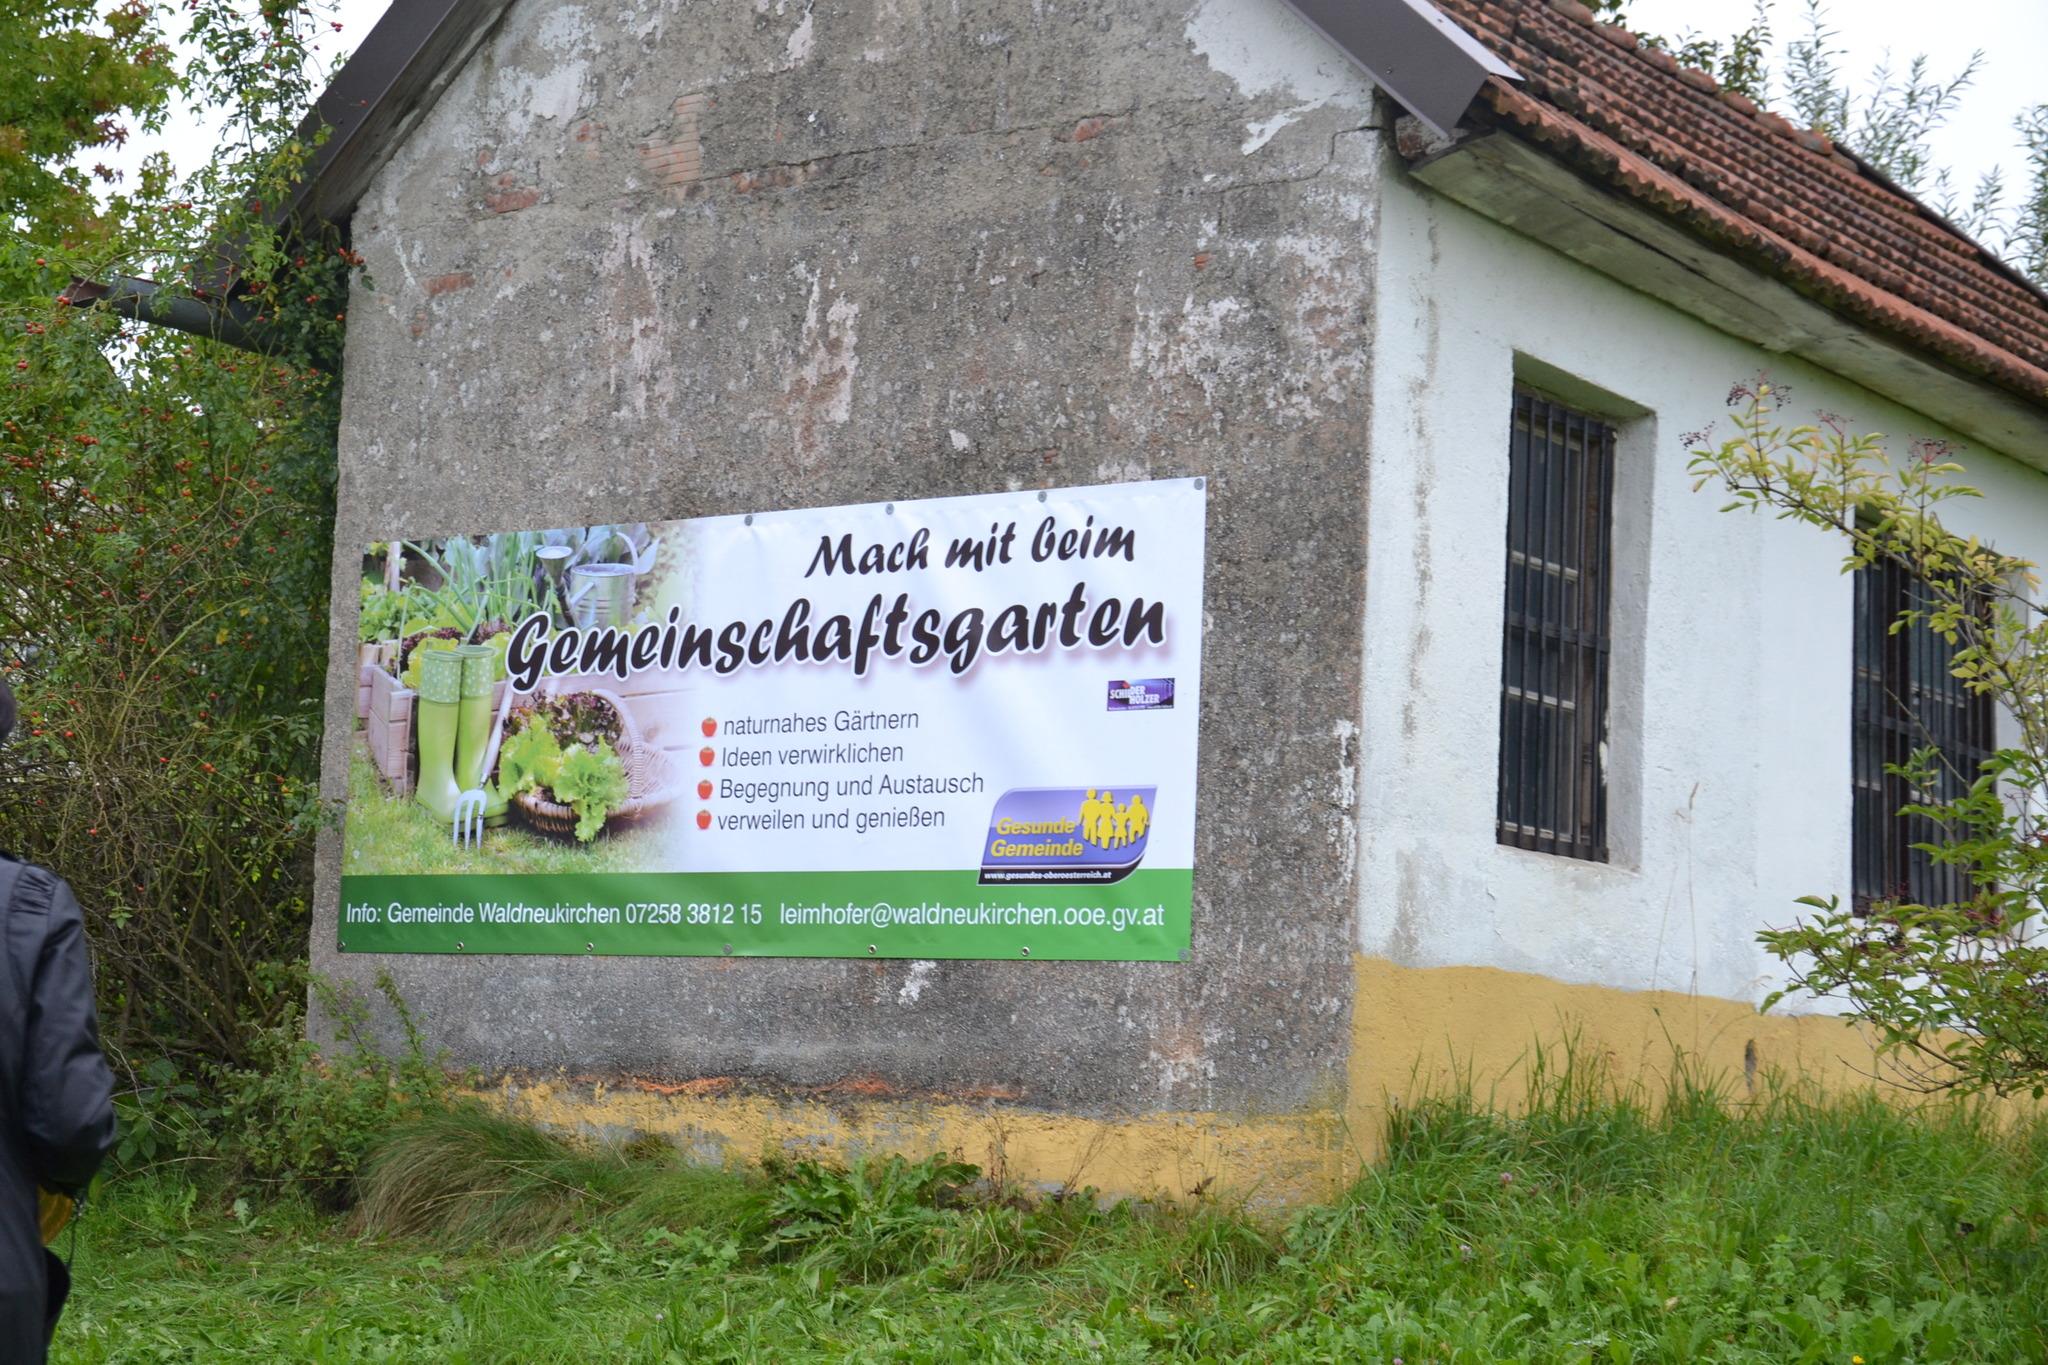 Pfarre Waldneukirchen: Aktuelles, Termine & Gottesdienste